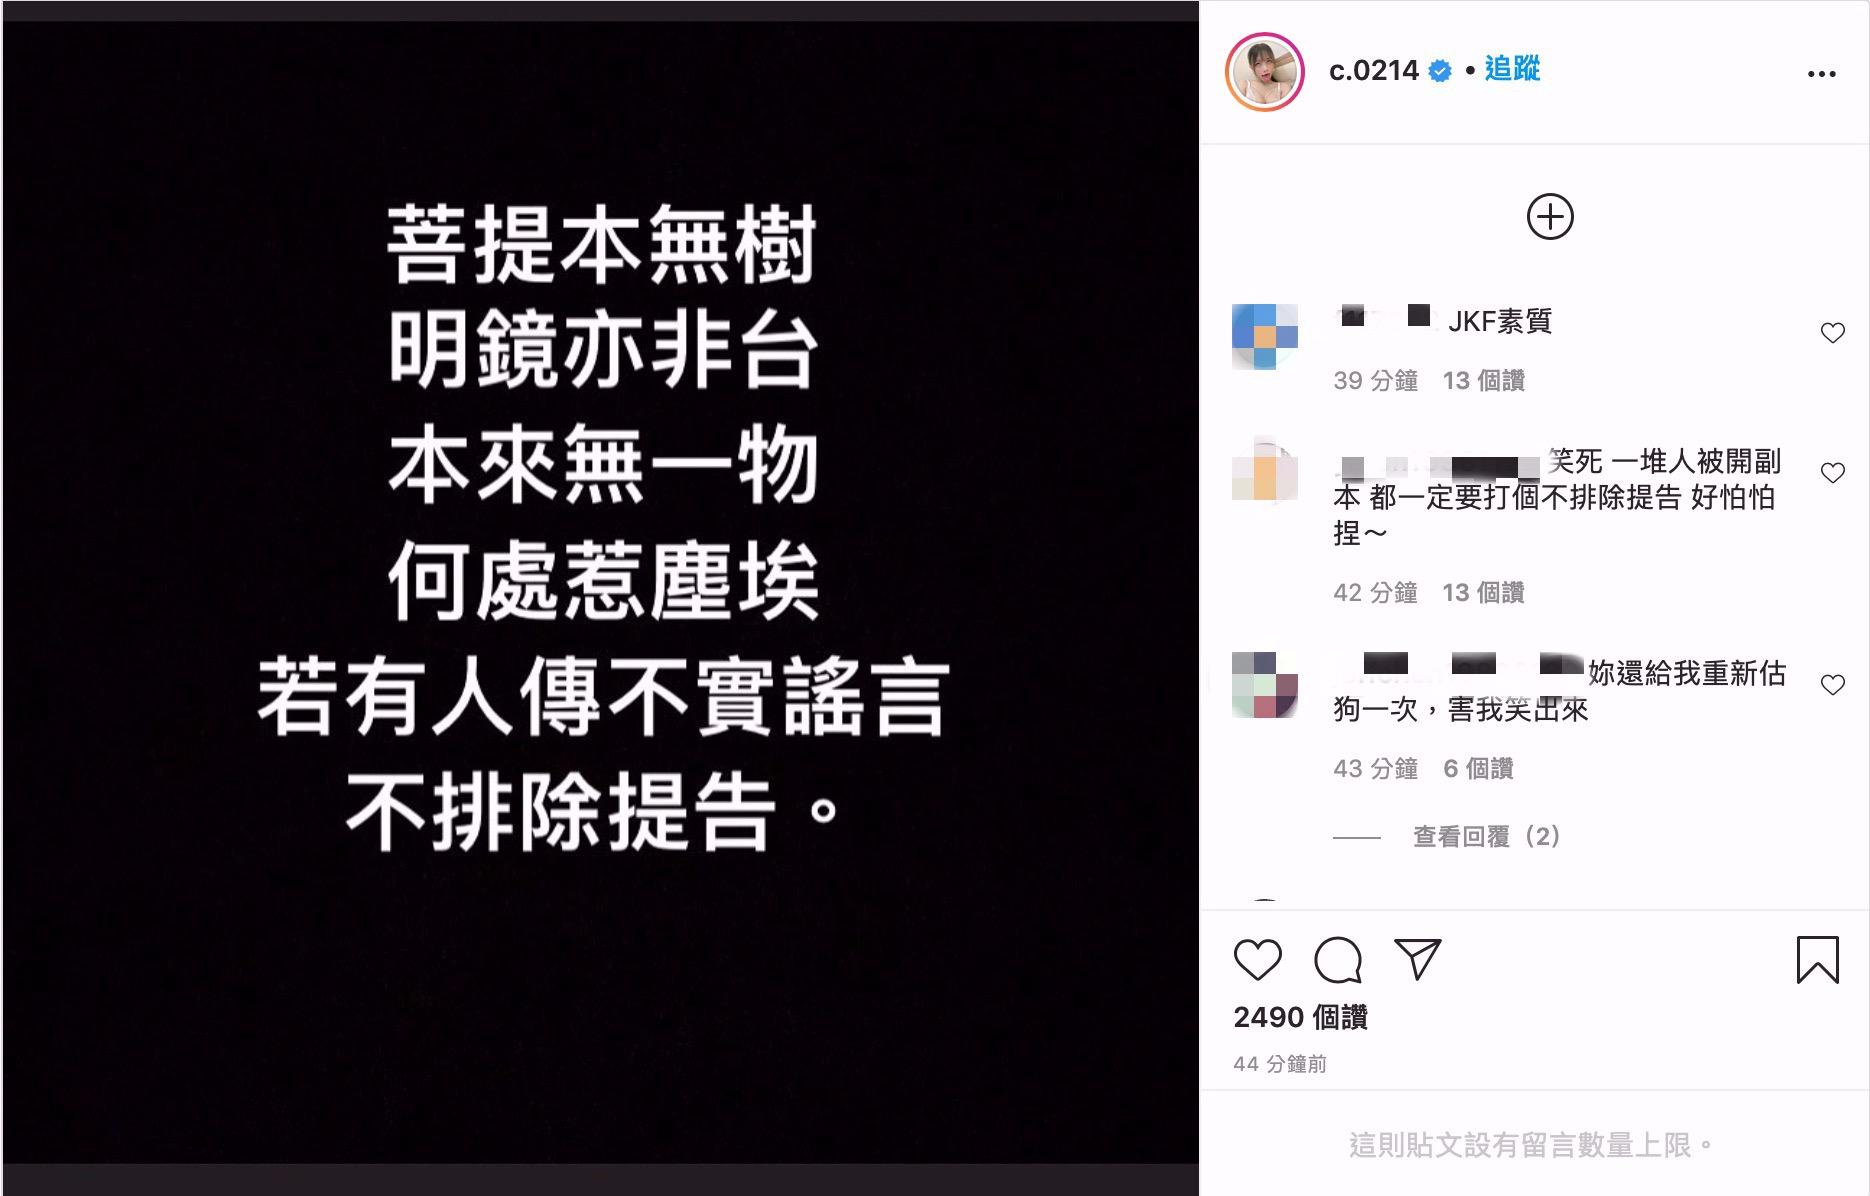 放火事件持續延燒!網瘋傳「被設局仙人跳」 青青忍無可忍:不排除提告